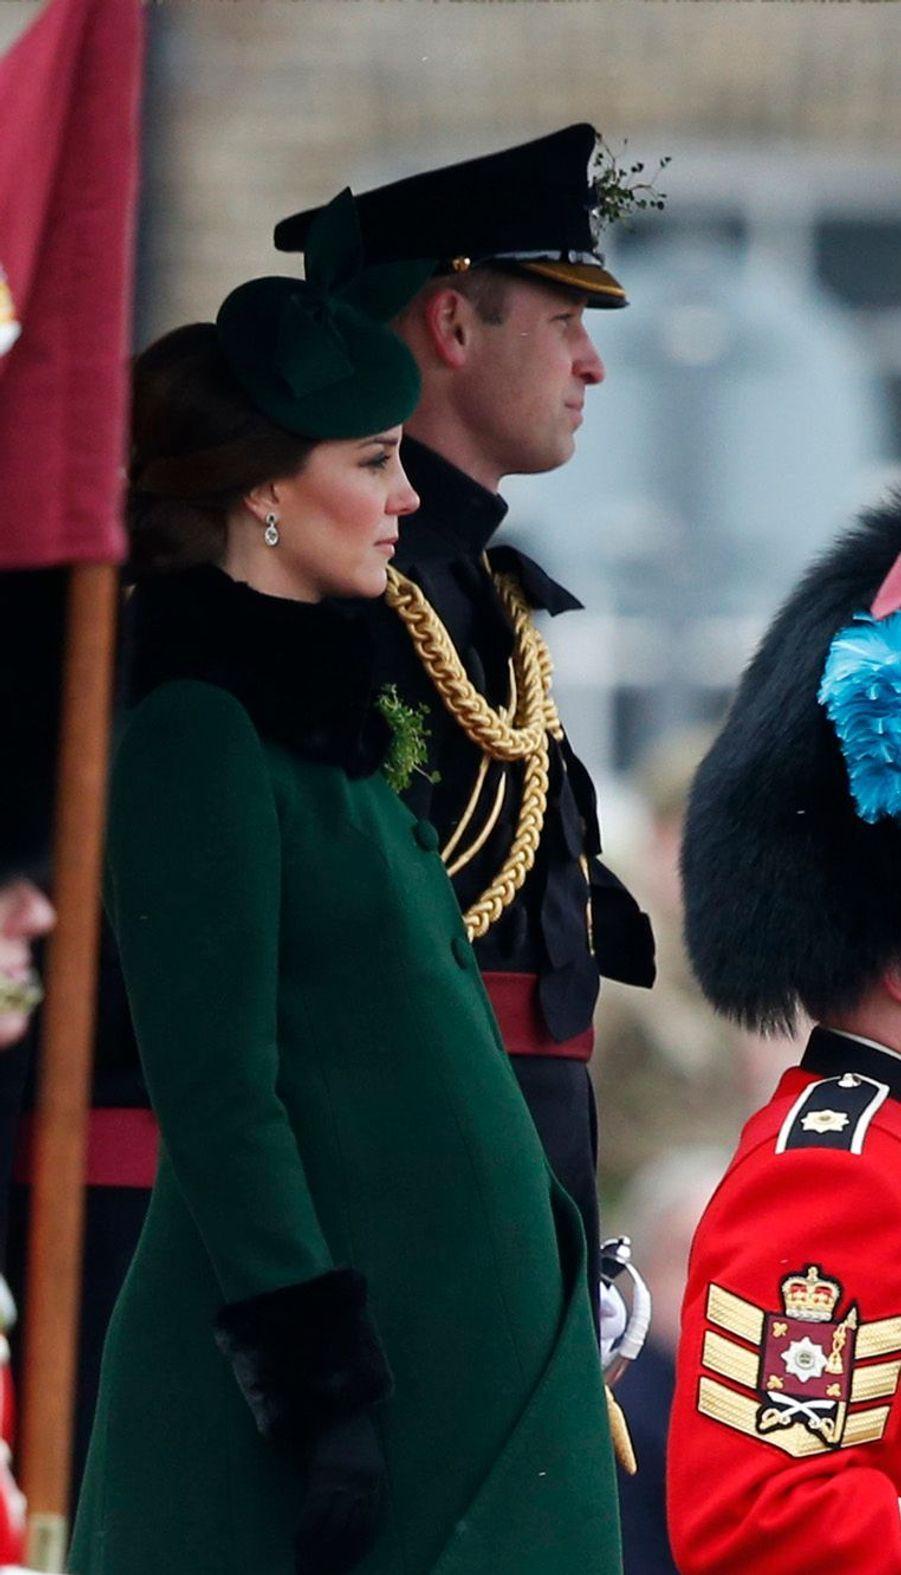 Ce samedi 17 mars, nous célébrons la Saint-Patrick, le Saint-Patron de l'Irlande. Le prince William et la duchesse de Cambridge Kate ont à cette occasion rendu visite auxIrish Guards,régiments d'élite irlandais de l'armée britannique.